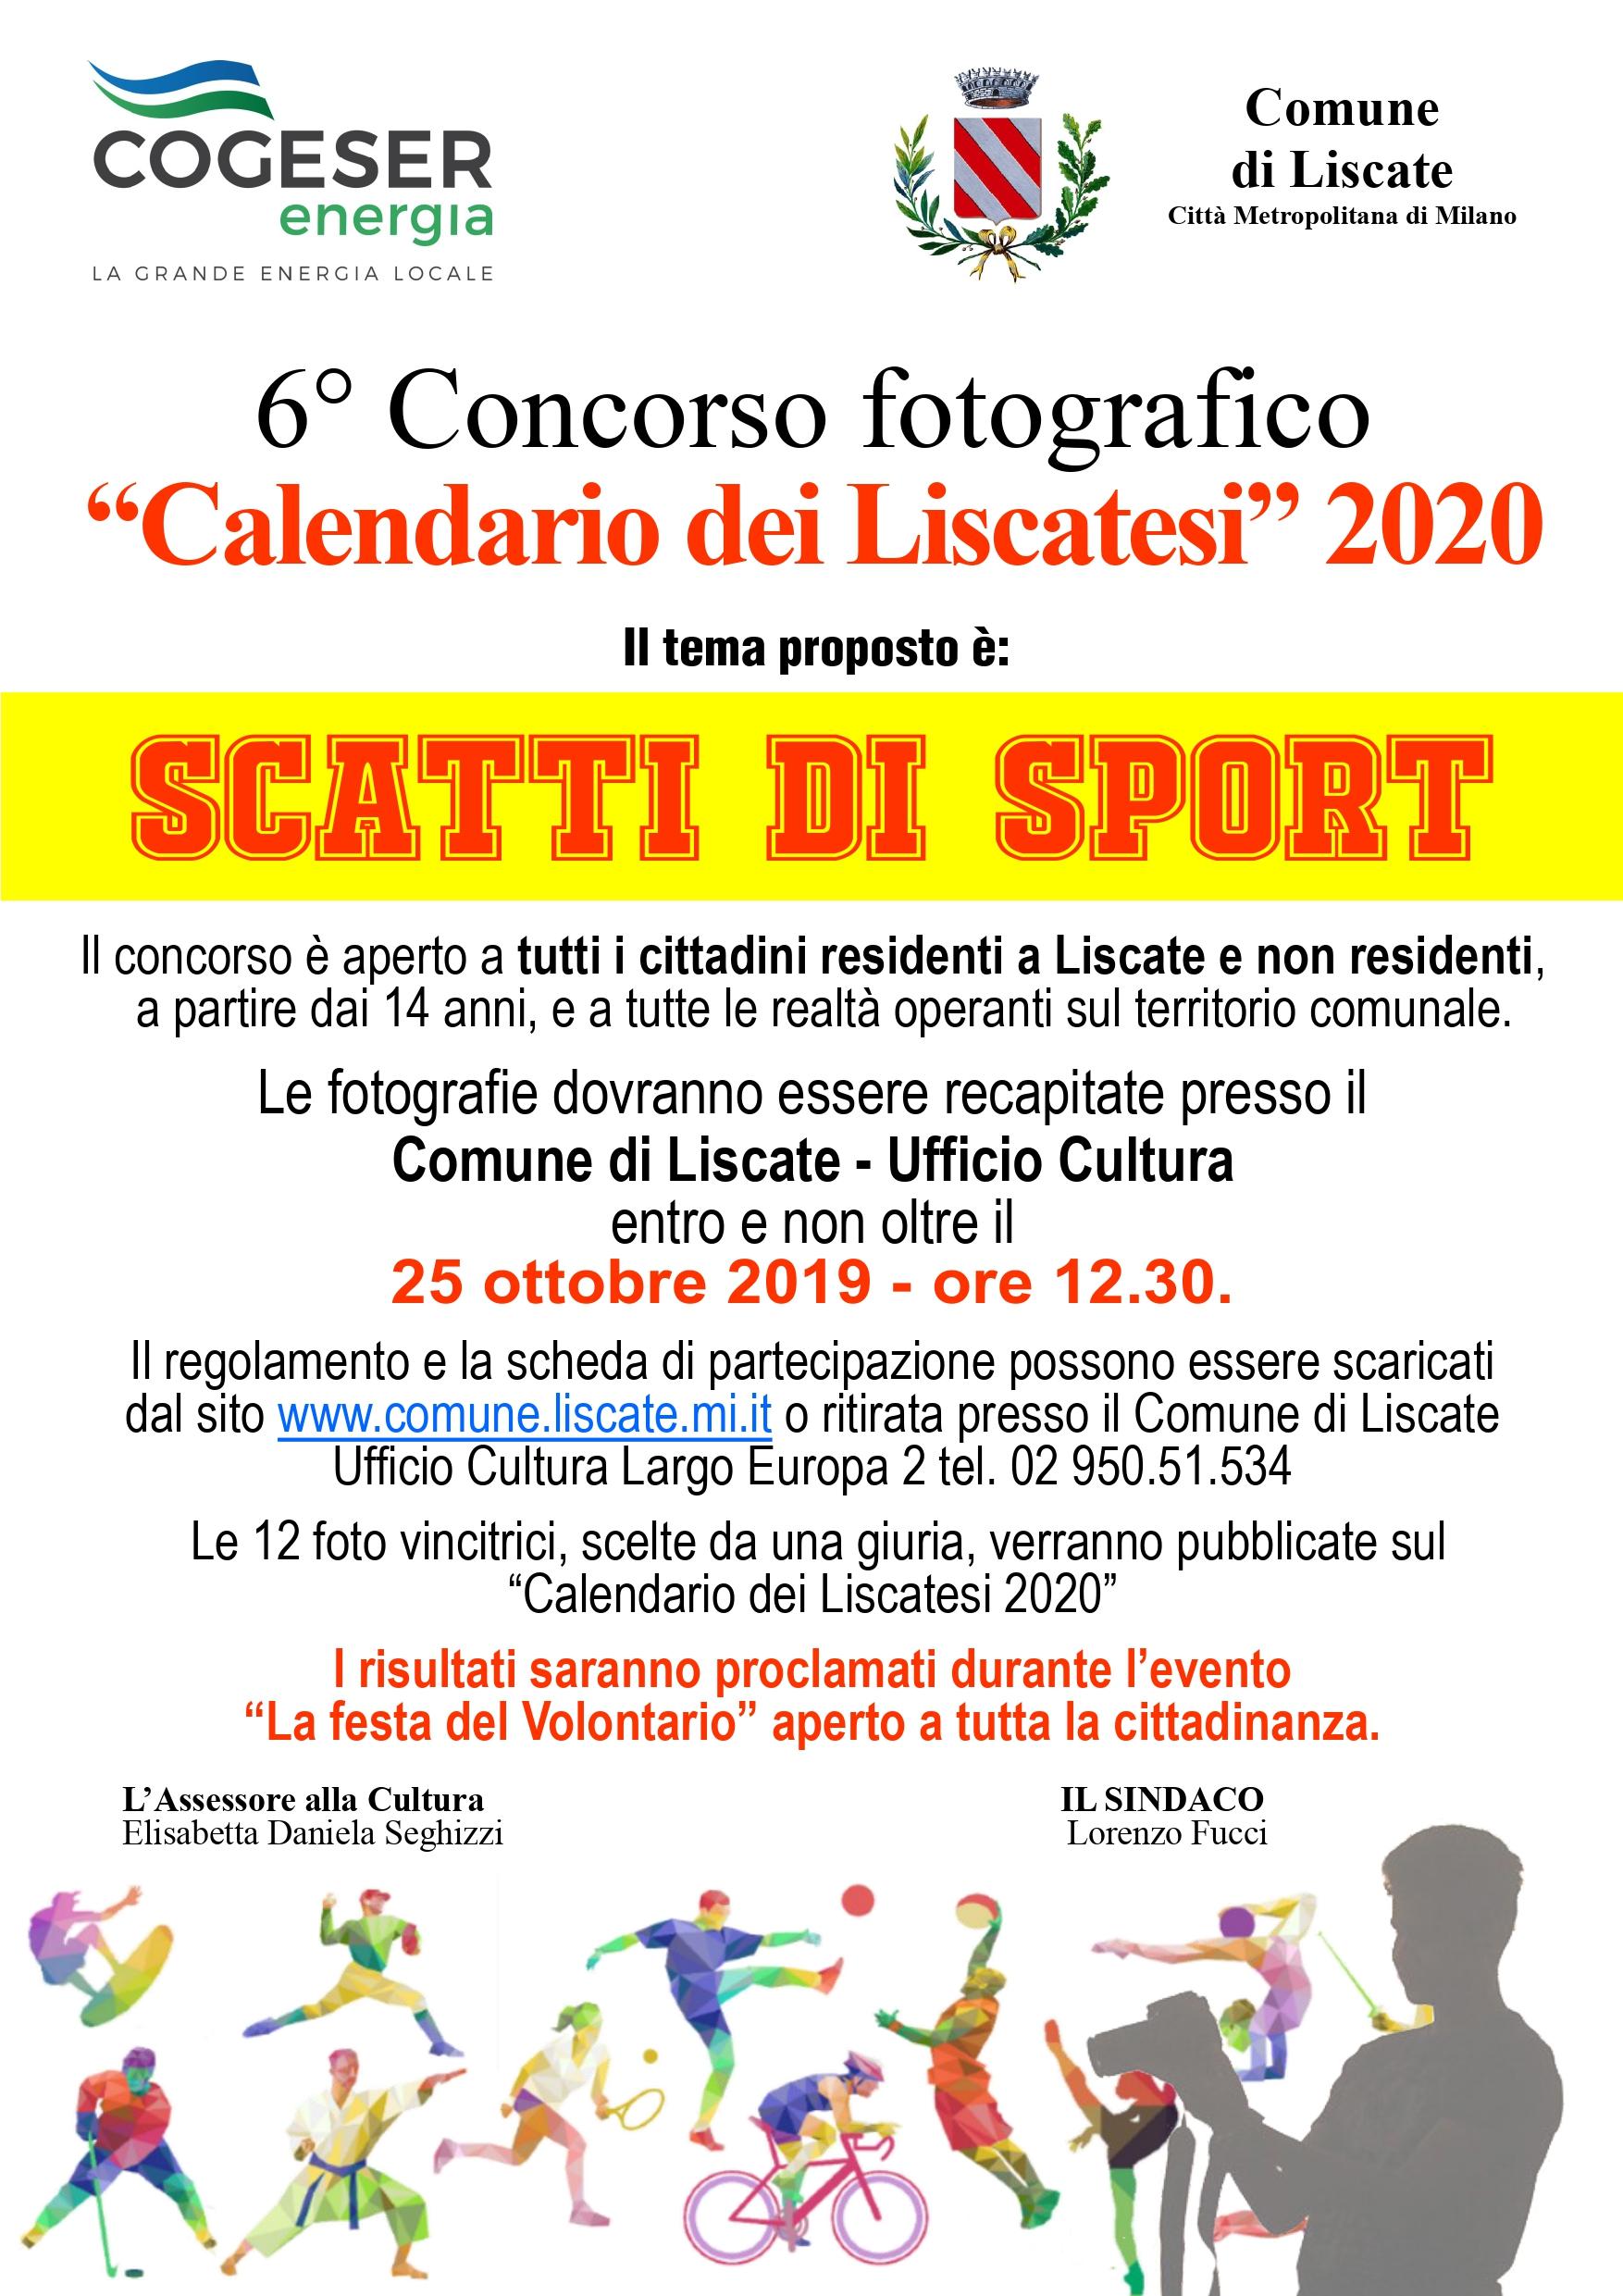 Calendario Fotografico 2020.6 Concorso Fotografico Il Calendario Dei Liscatesi Anno